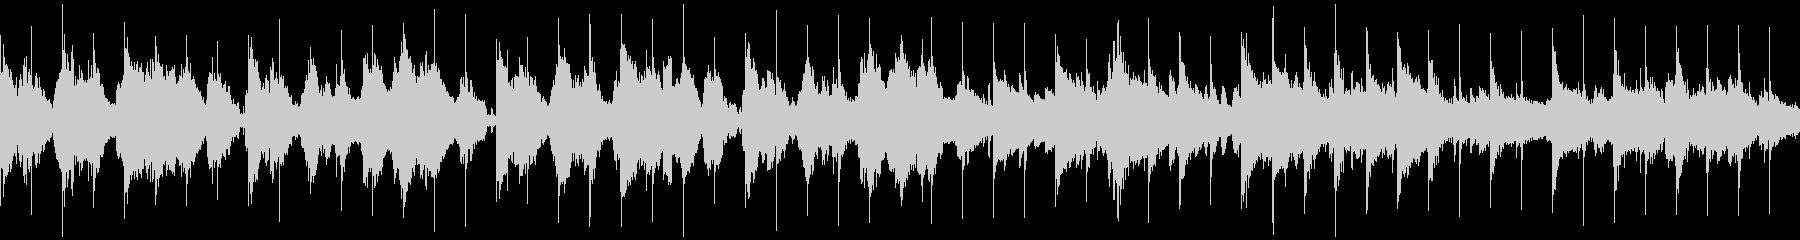 古代遺跡をイメージしたケルト調の民族音楽の未再生の波形